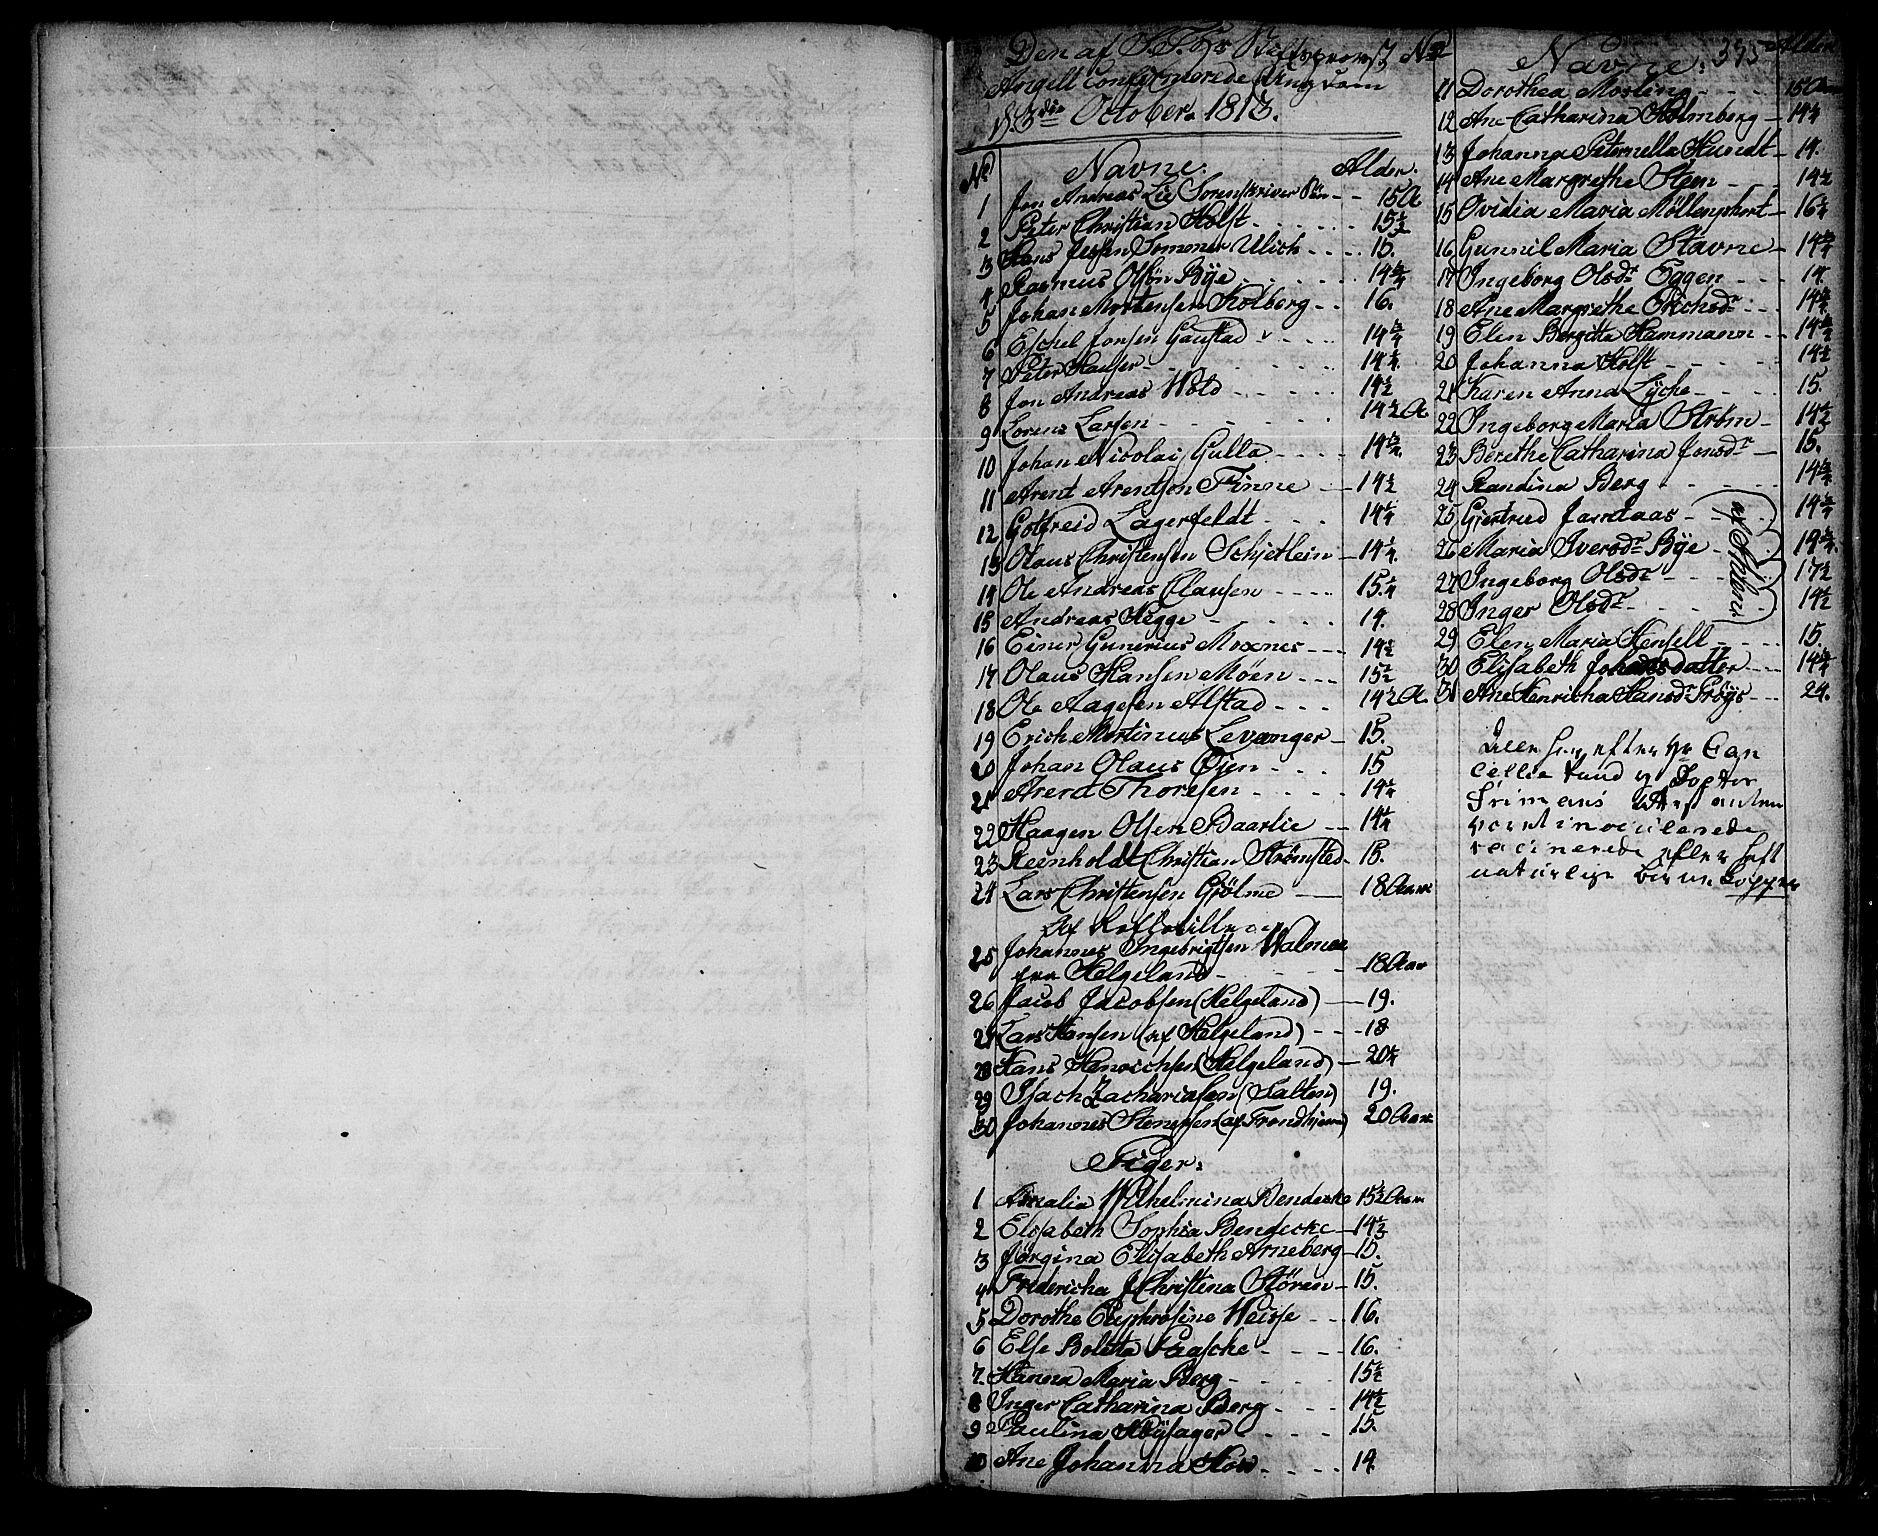 SAT, Ministerialprotokoller, klokkerbøker og fødselsregistre - Sør-Trøndelag, 601/L0038: Ministerialbok nr. 601A06, 1766-1877, s. 395